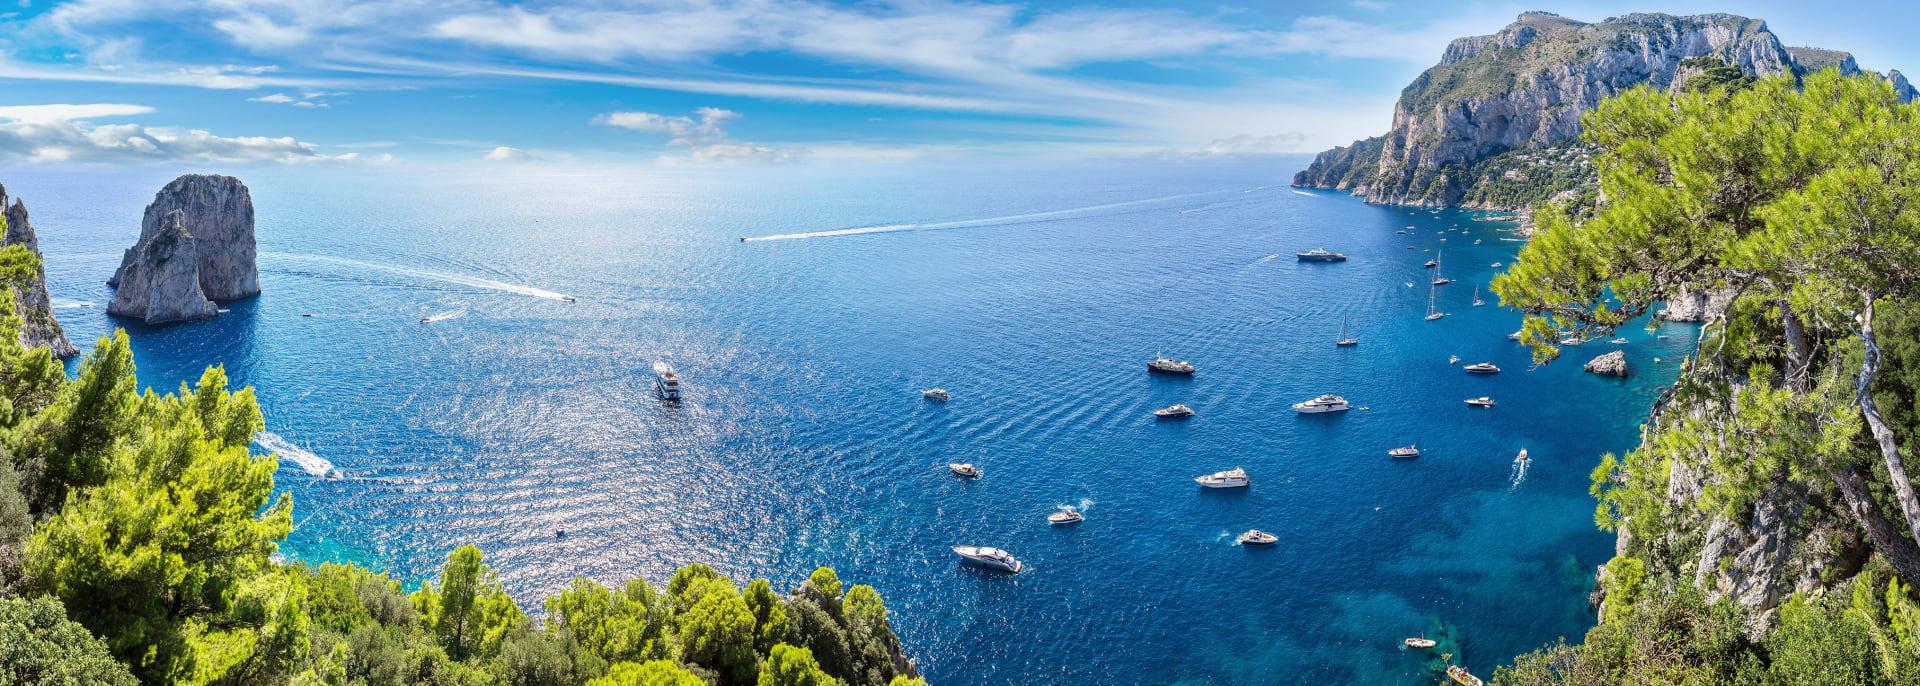 Capri, Italien